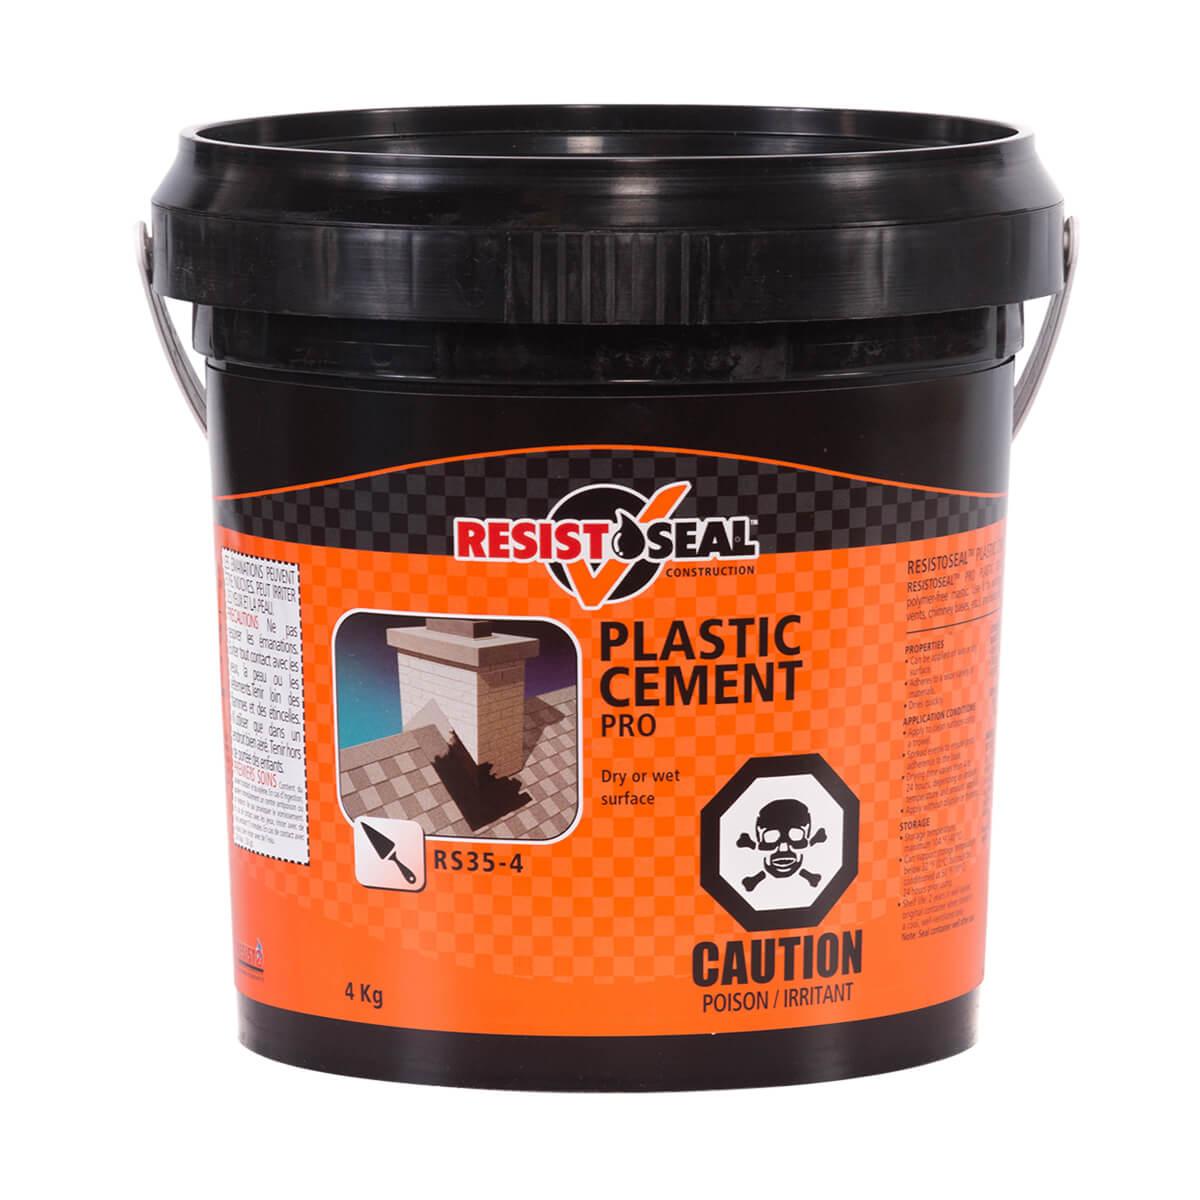 Pro Plastic Cement  - 4 kg